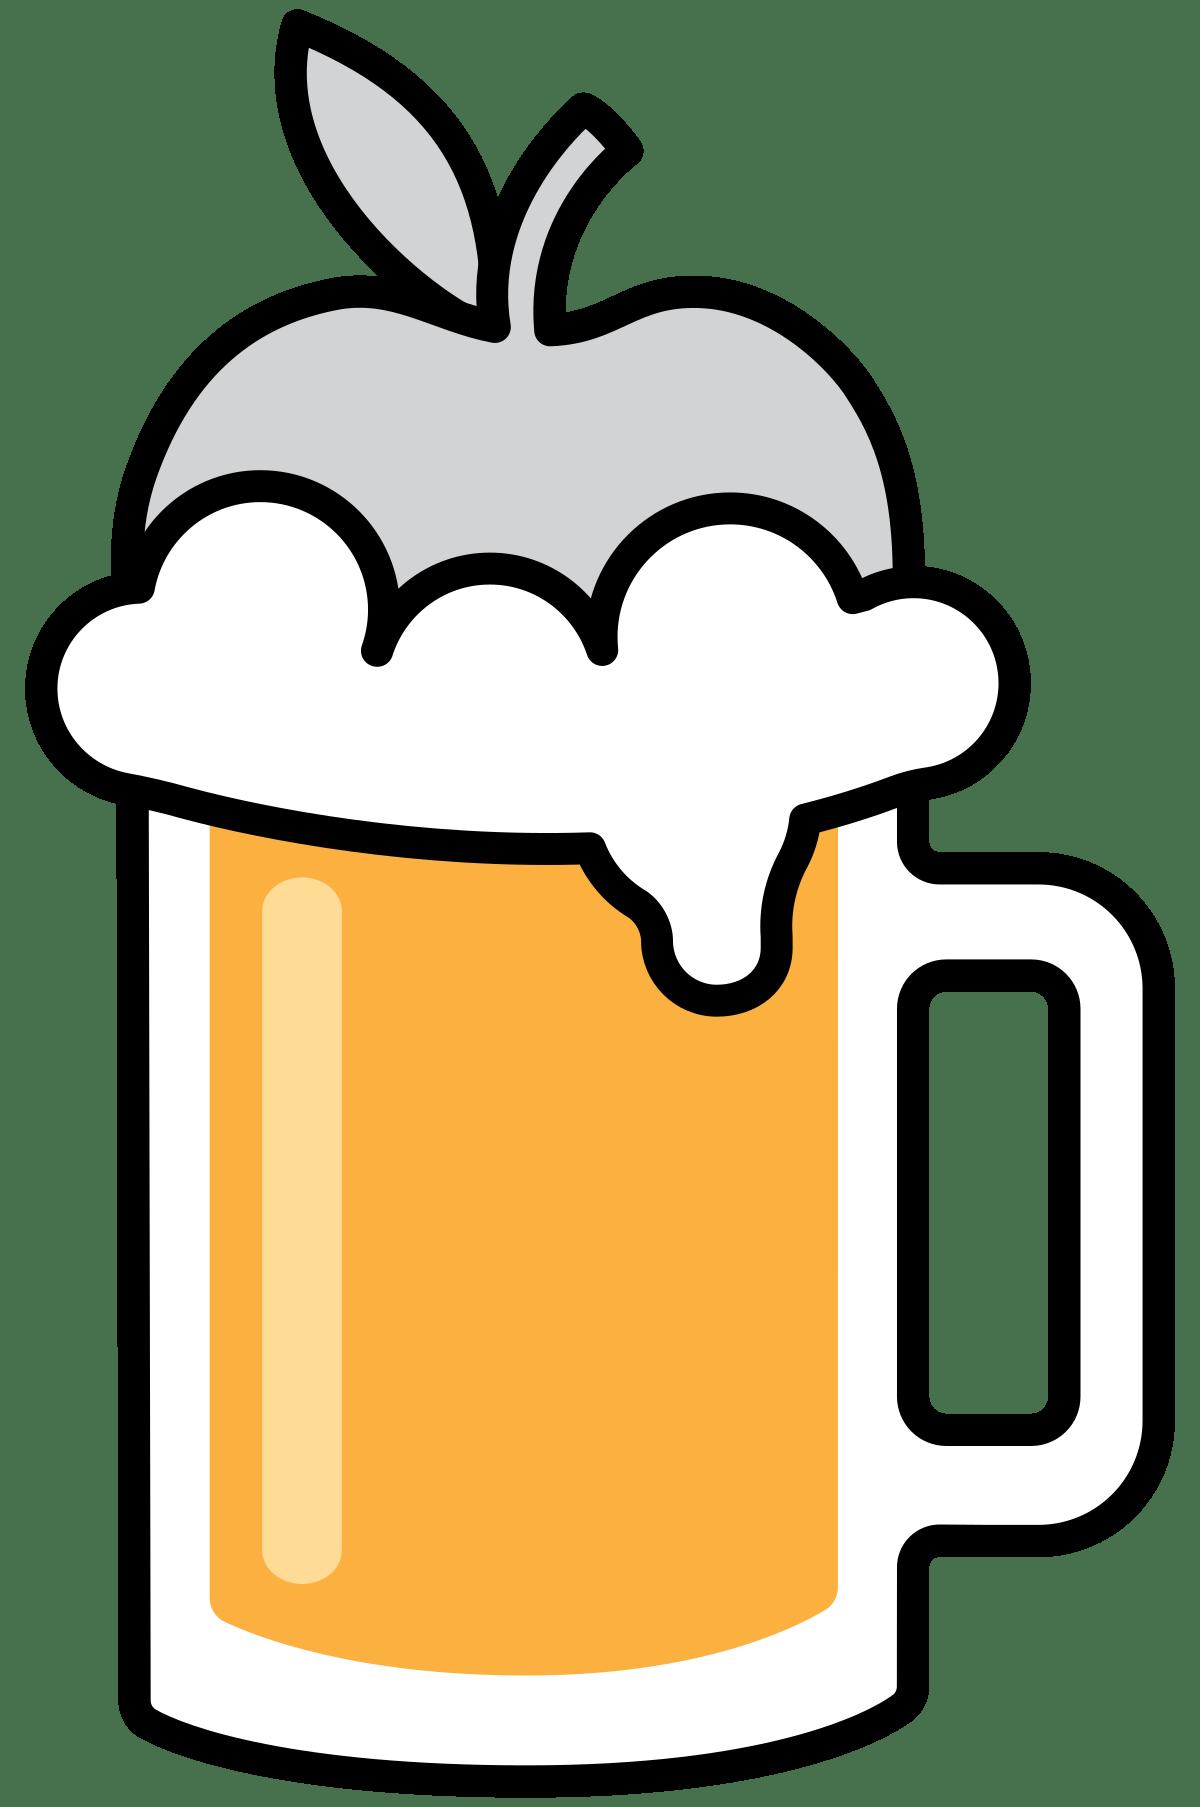 come-installare-homebrew